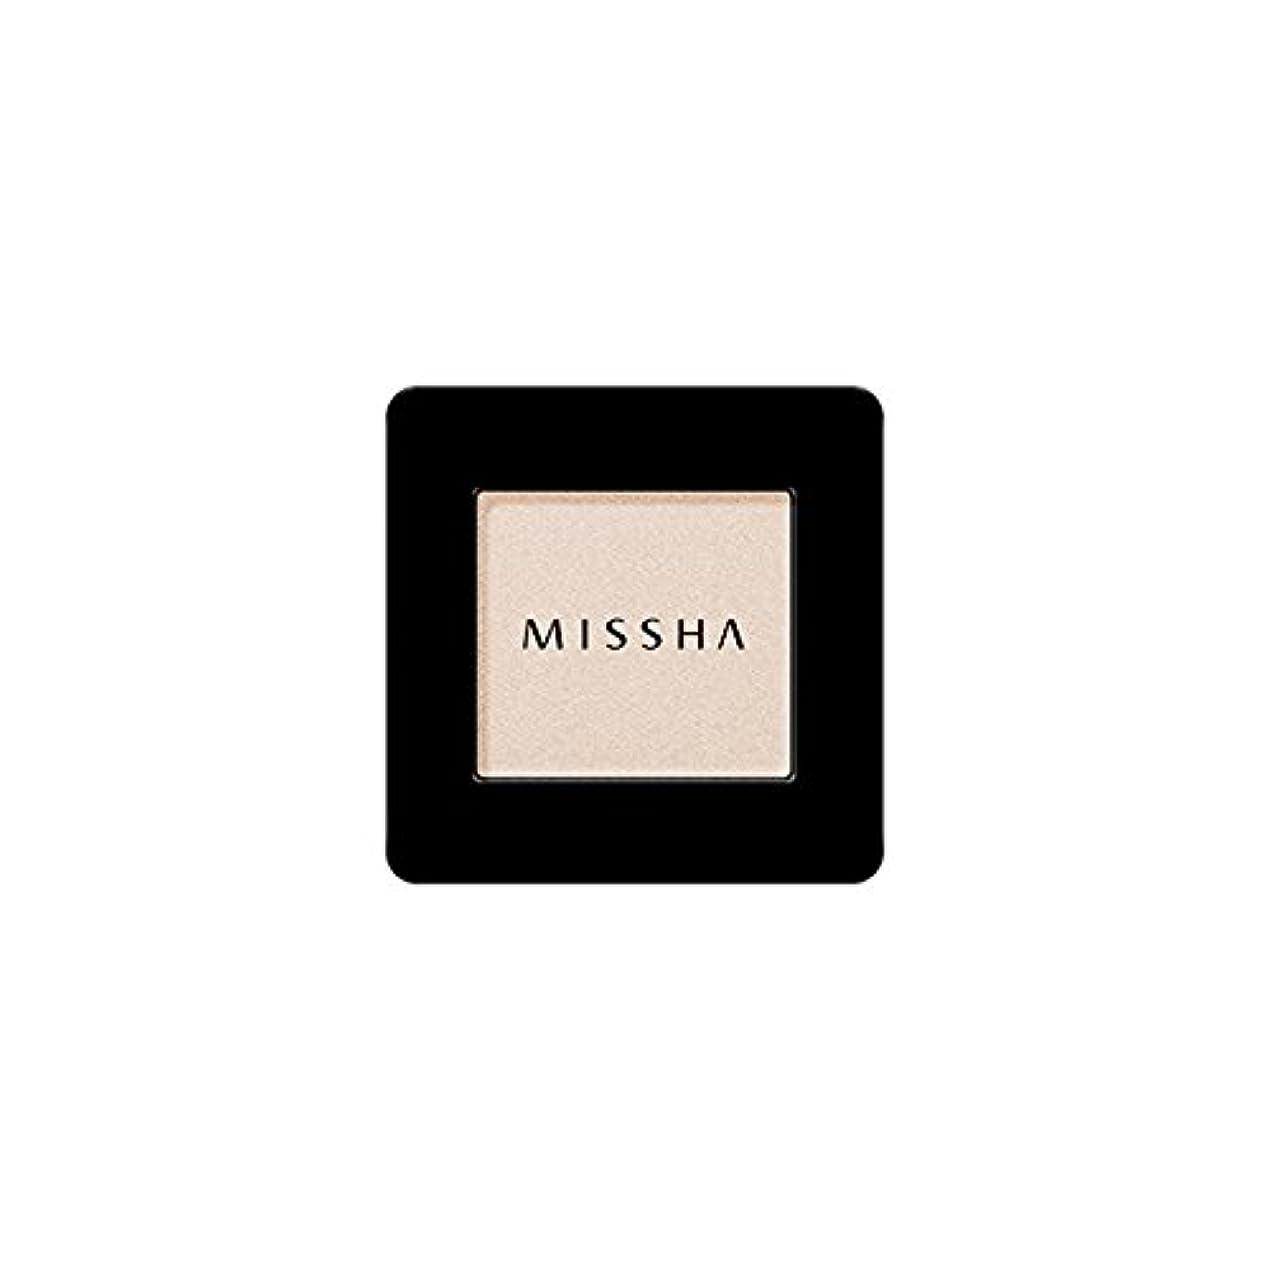 に向けて出発解釈する移住するMISSHA Modern Shadow [SHIMMER] 1.8g (#SBE01 Santa Barbara)/ミシャ モダン シャドウ [シマー] 1.8g (#SBE01 Santa Barbara)